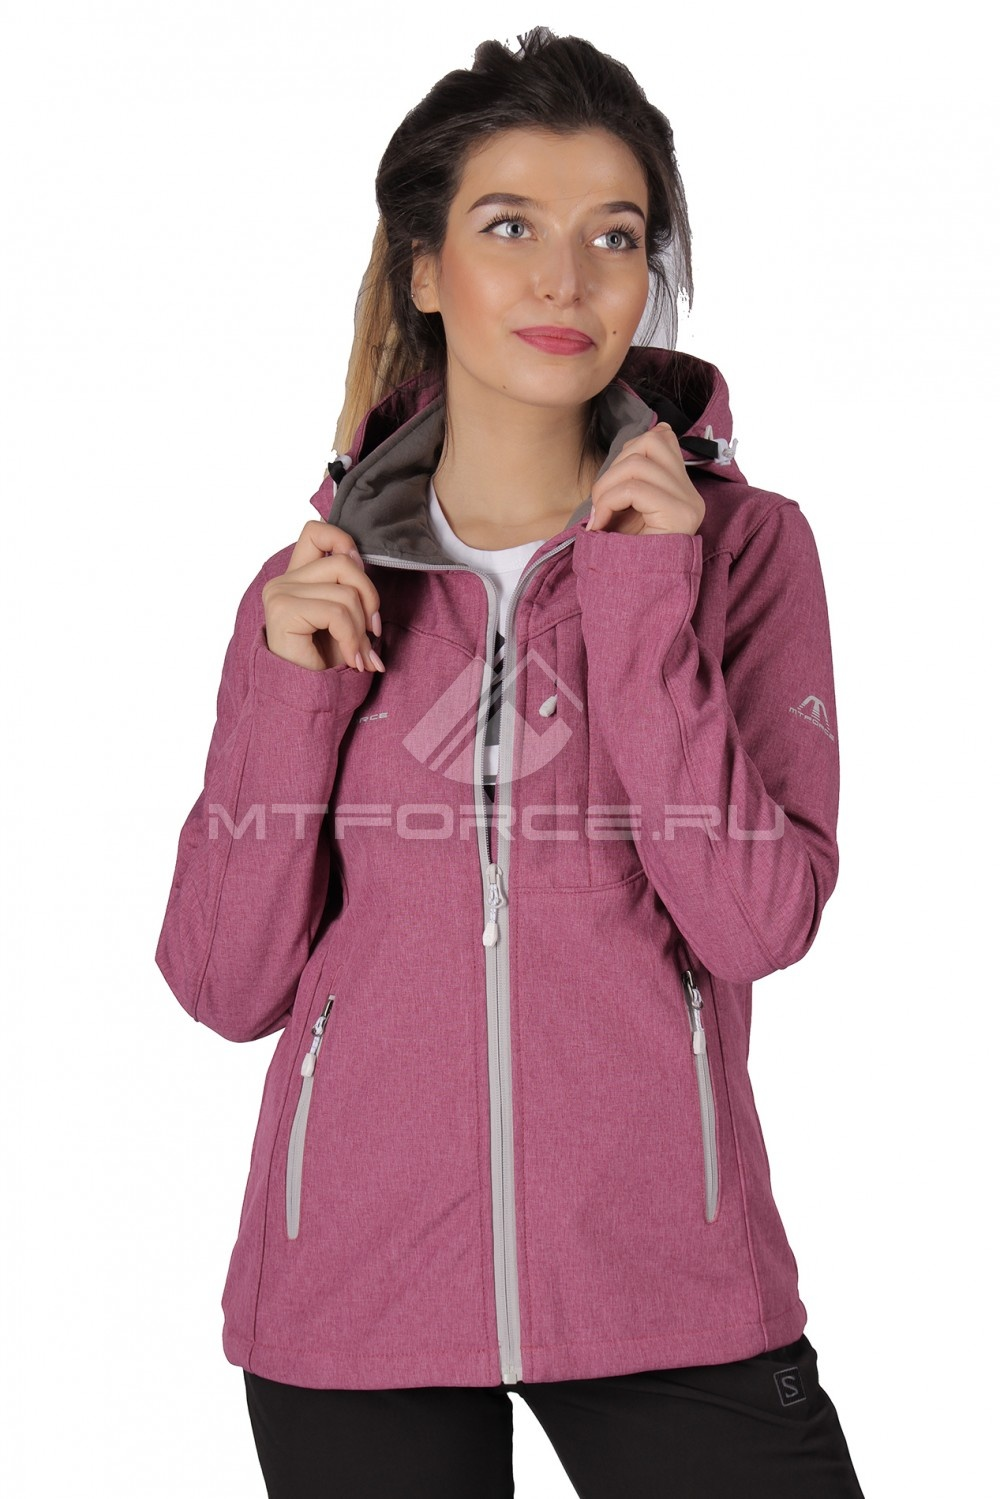 Купить  оптом Ветровка - виндстоппер женская малинового цвета 1721M